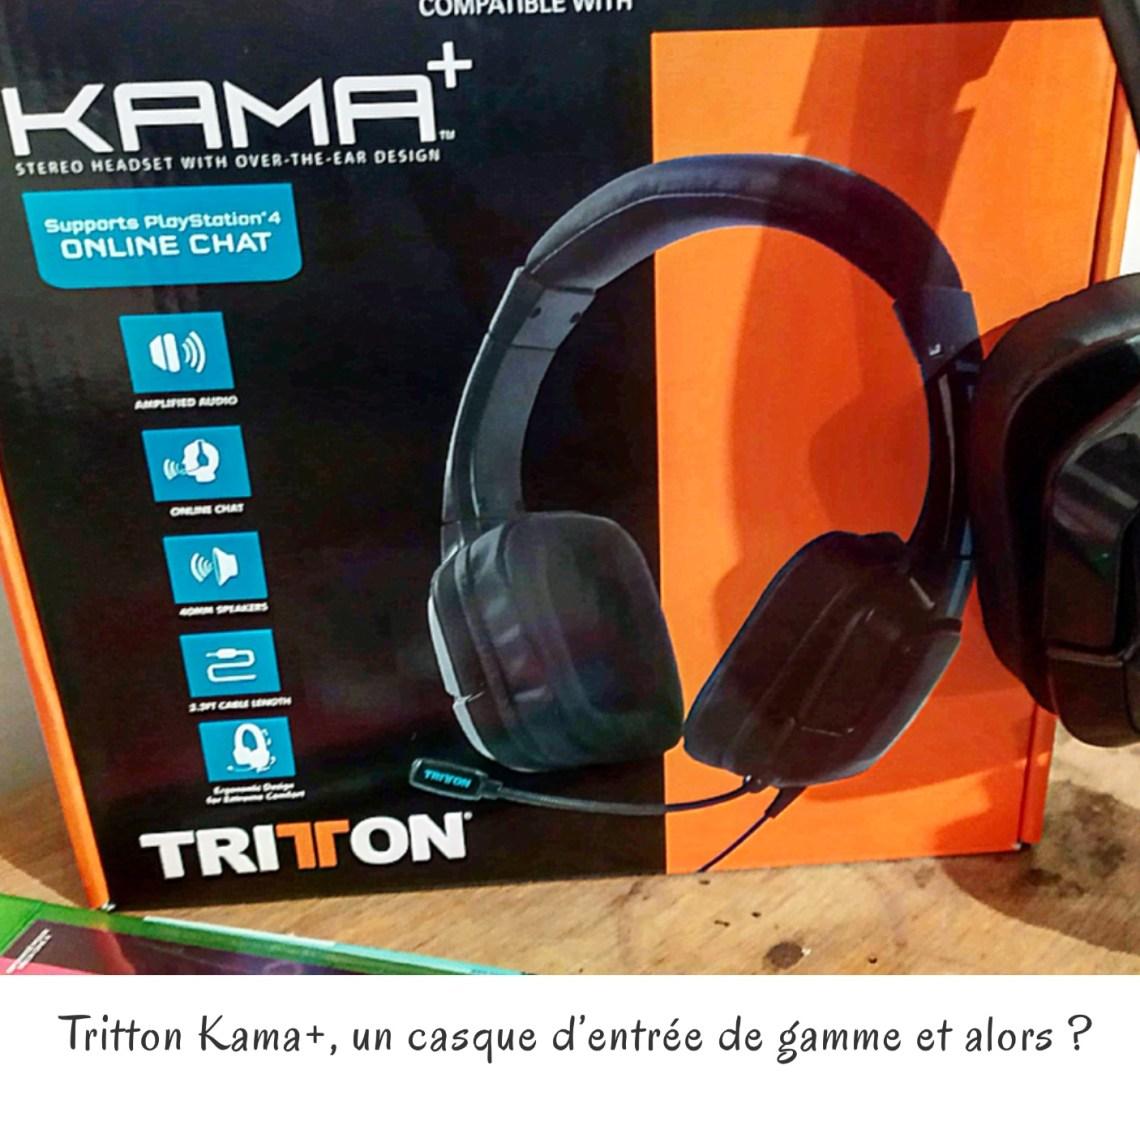 Tritton Kama+, un casque d'entrée de gamme et alors ?